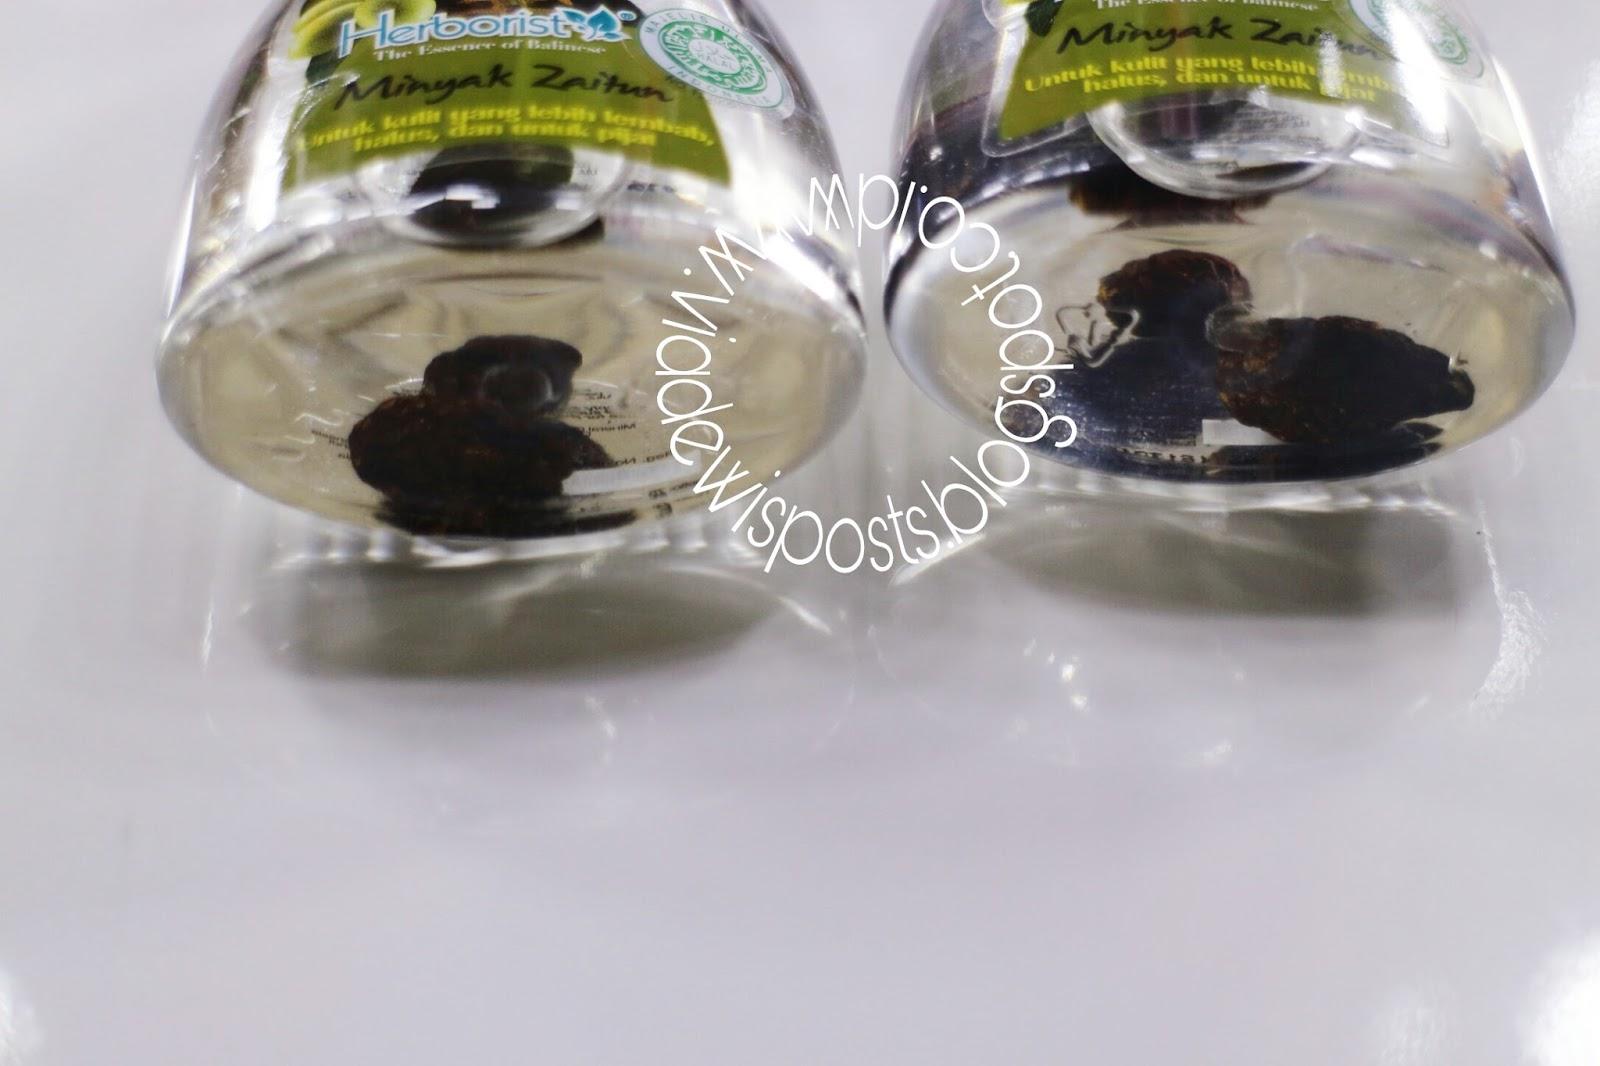 Kulit Kering Pake Herborist Minyak Zaitun Langsung Lembut Review 150ml Selain Di Dalam Kemasan Ini Terdapat Buah Yang Sudah